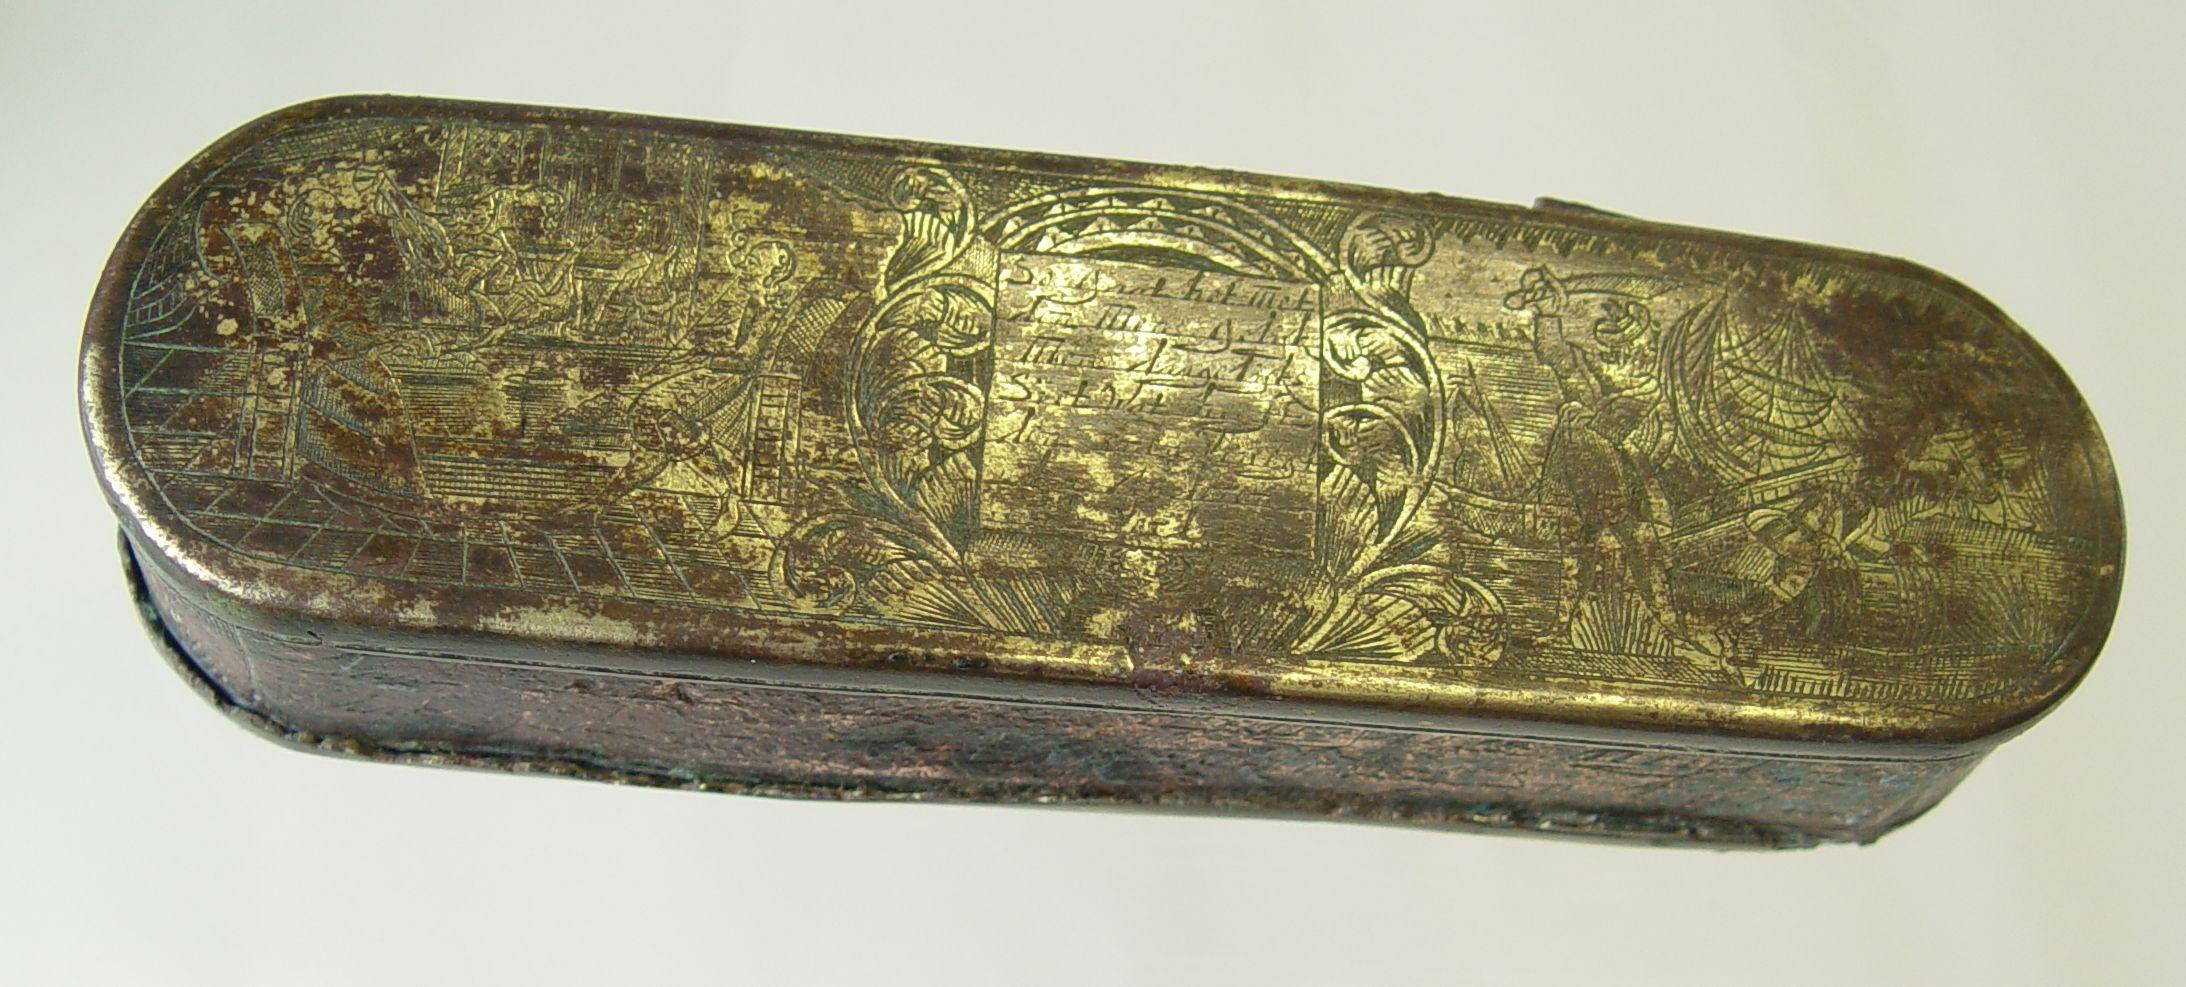 Messing tabaksdoos met gravering en tekst, achttiende eeuw.